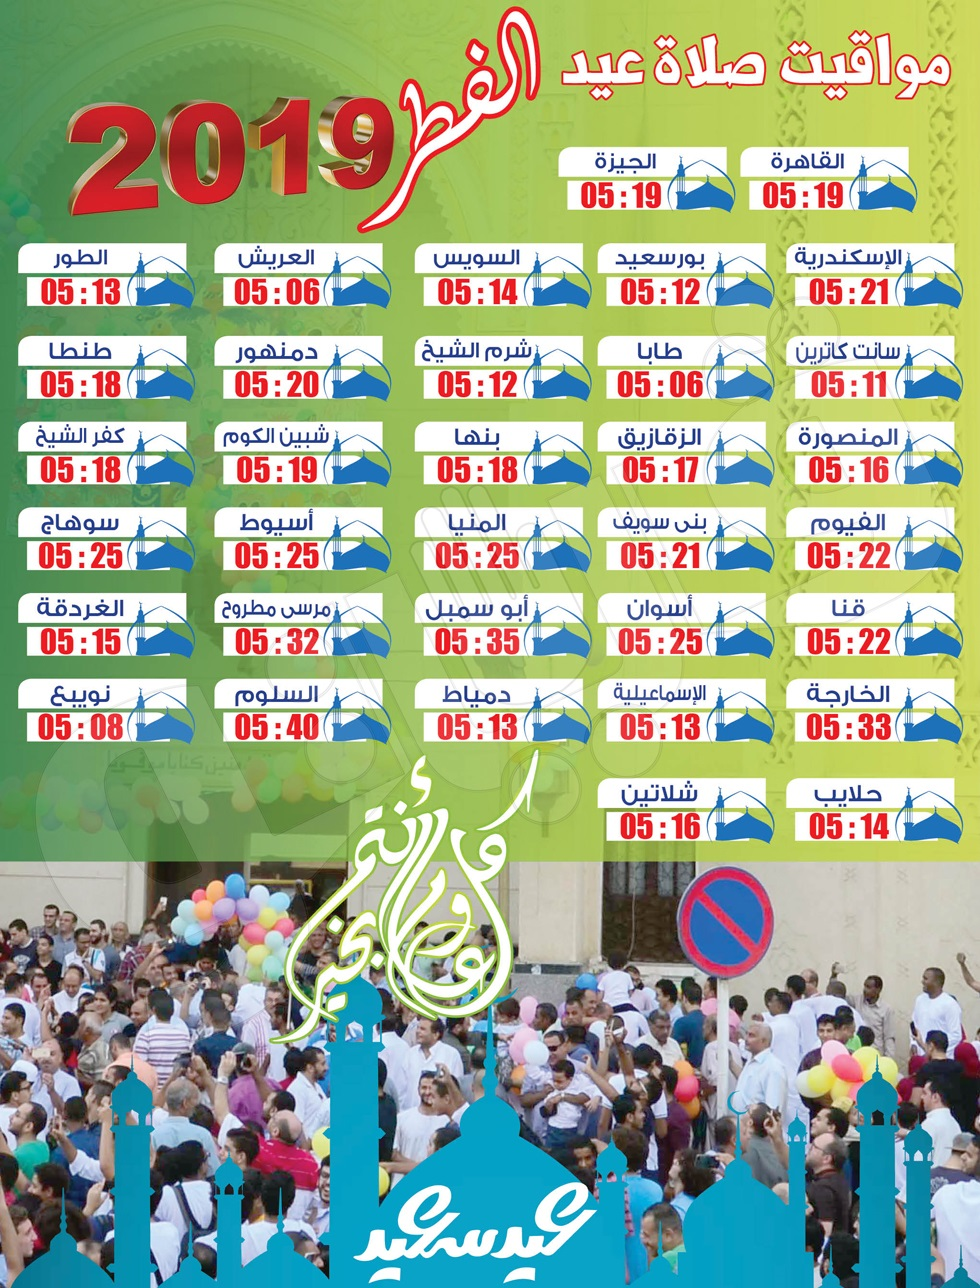 مواعيد صلاة عيد الفطر المبارك لعام 2019 في جميع محافظات مصر